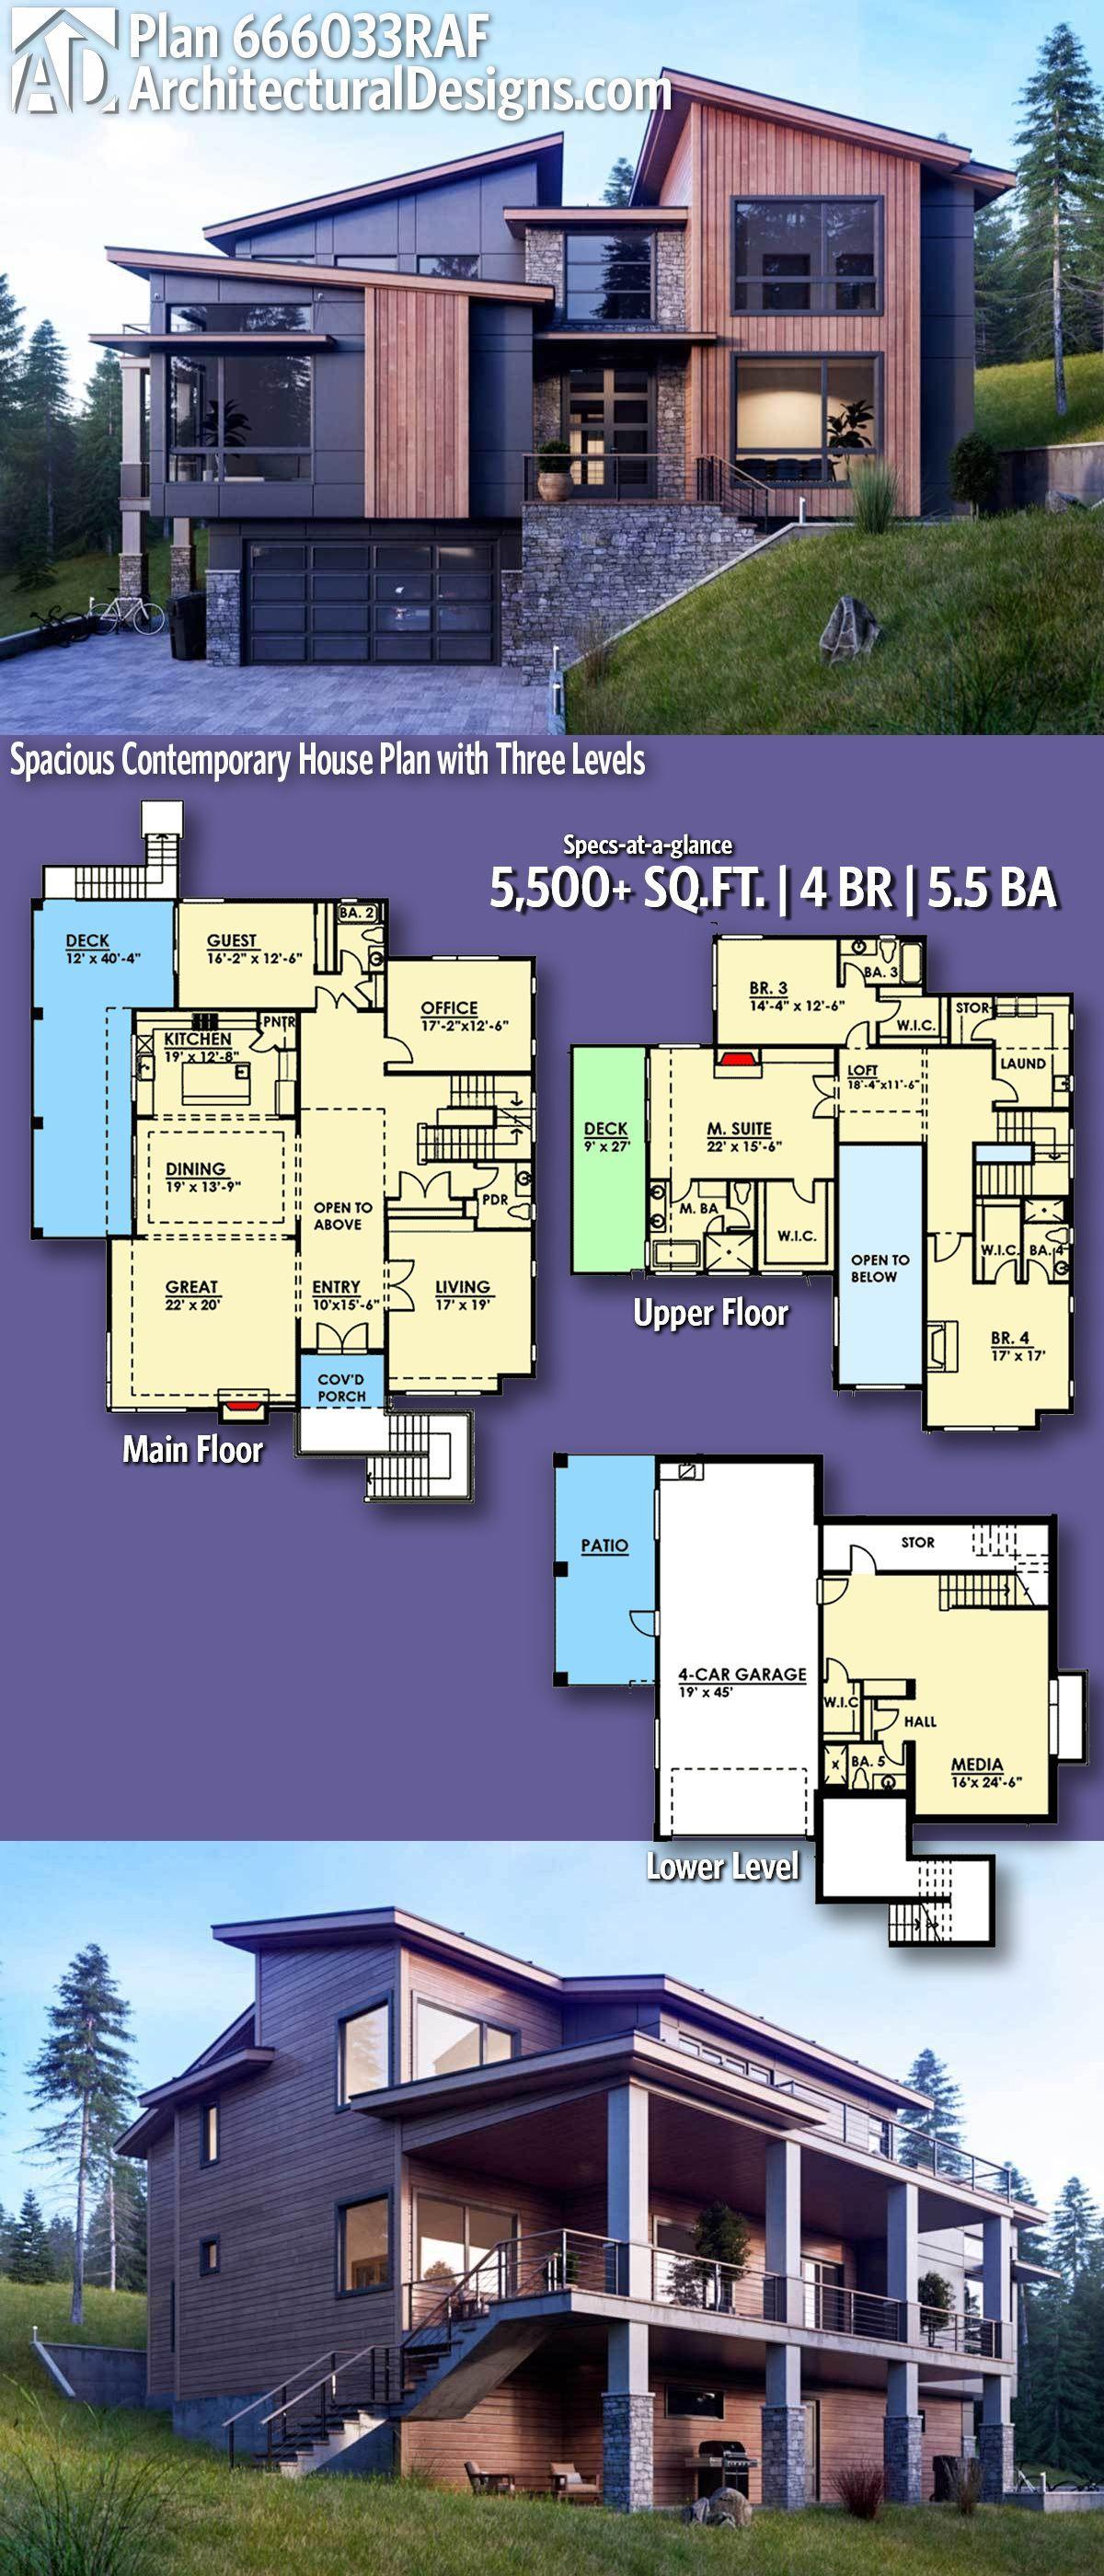 Architectural Designs Modern Plan 666033RAF 4